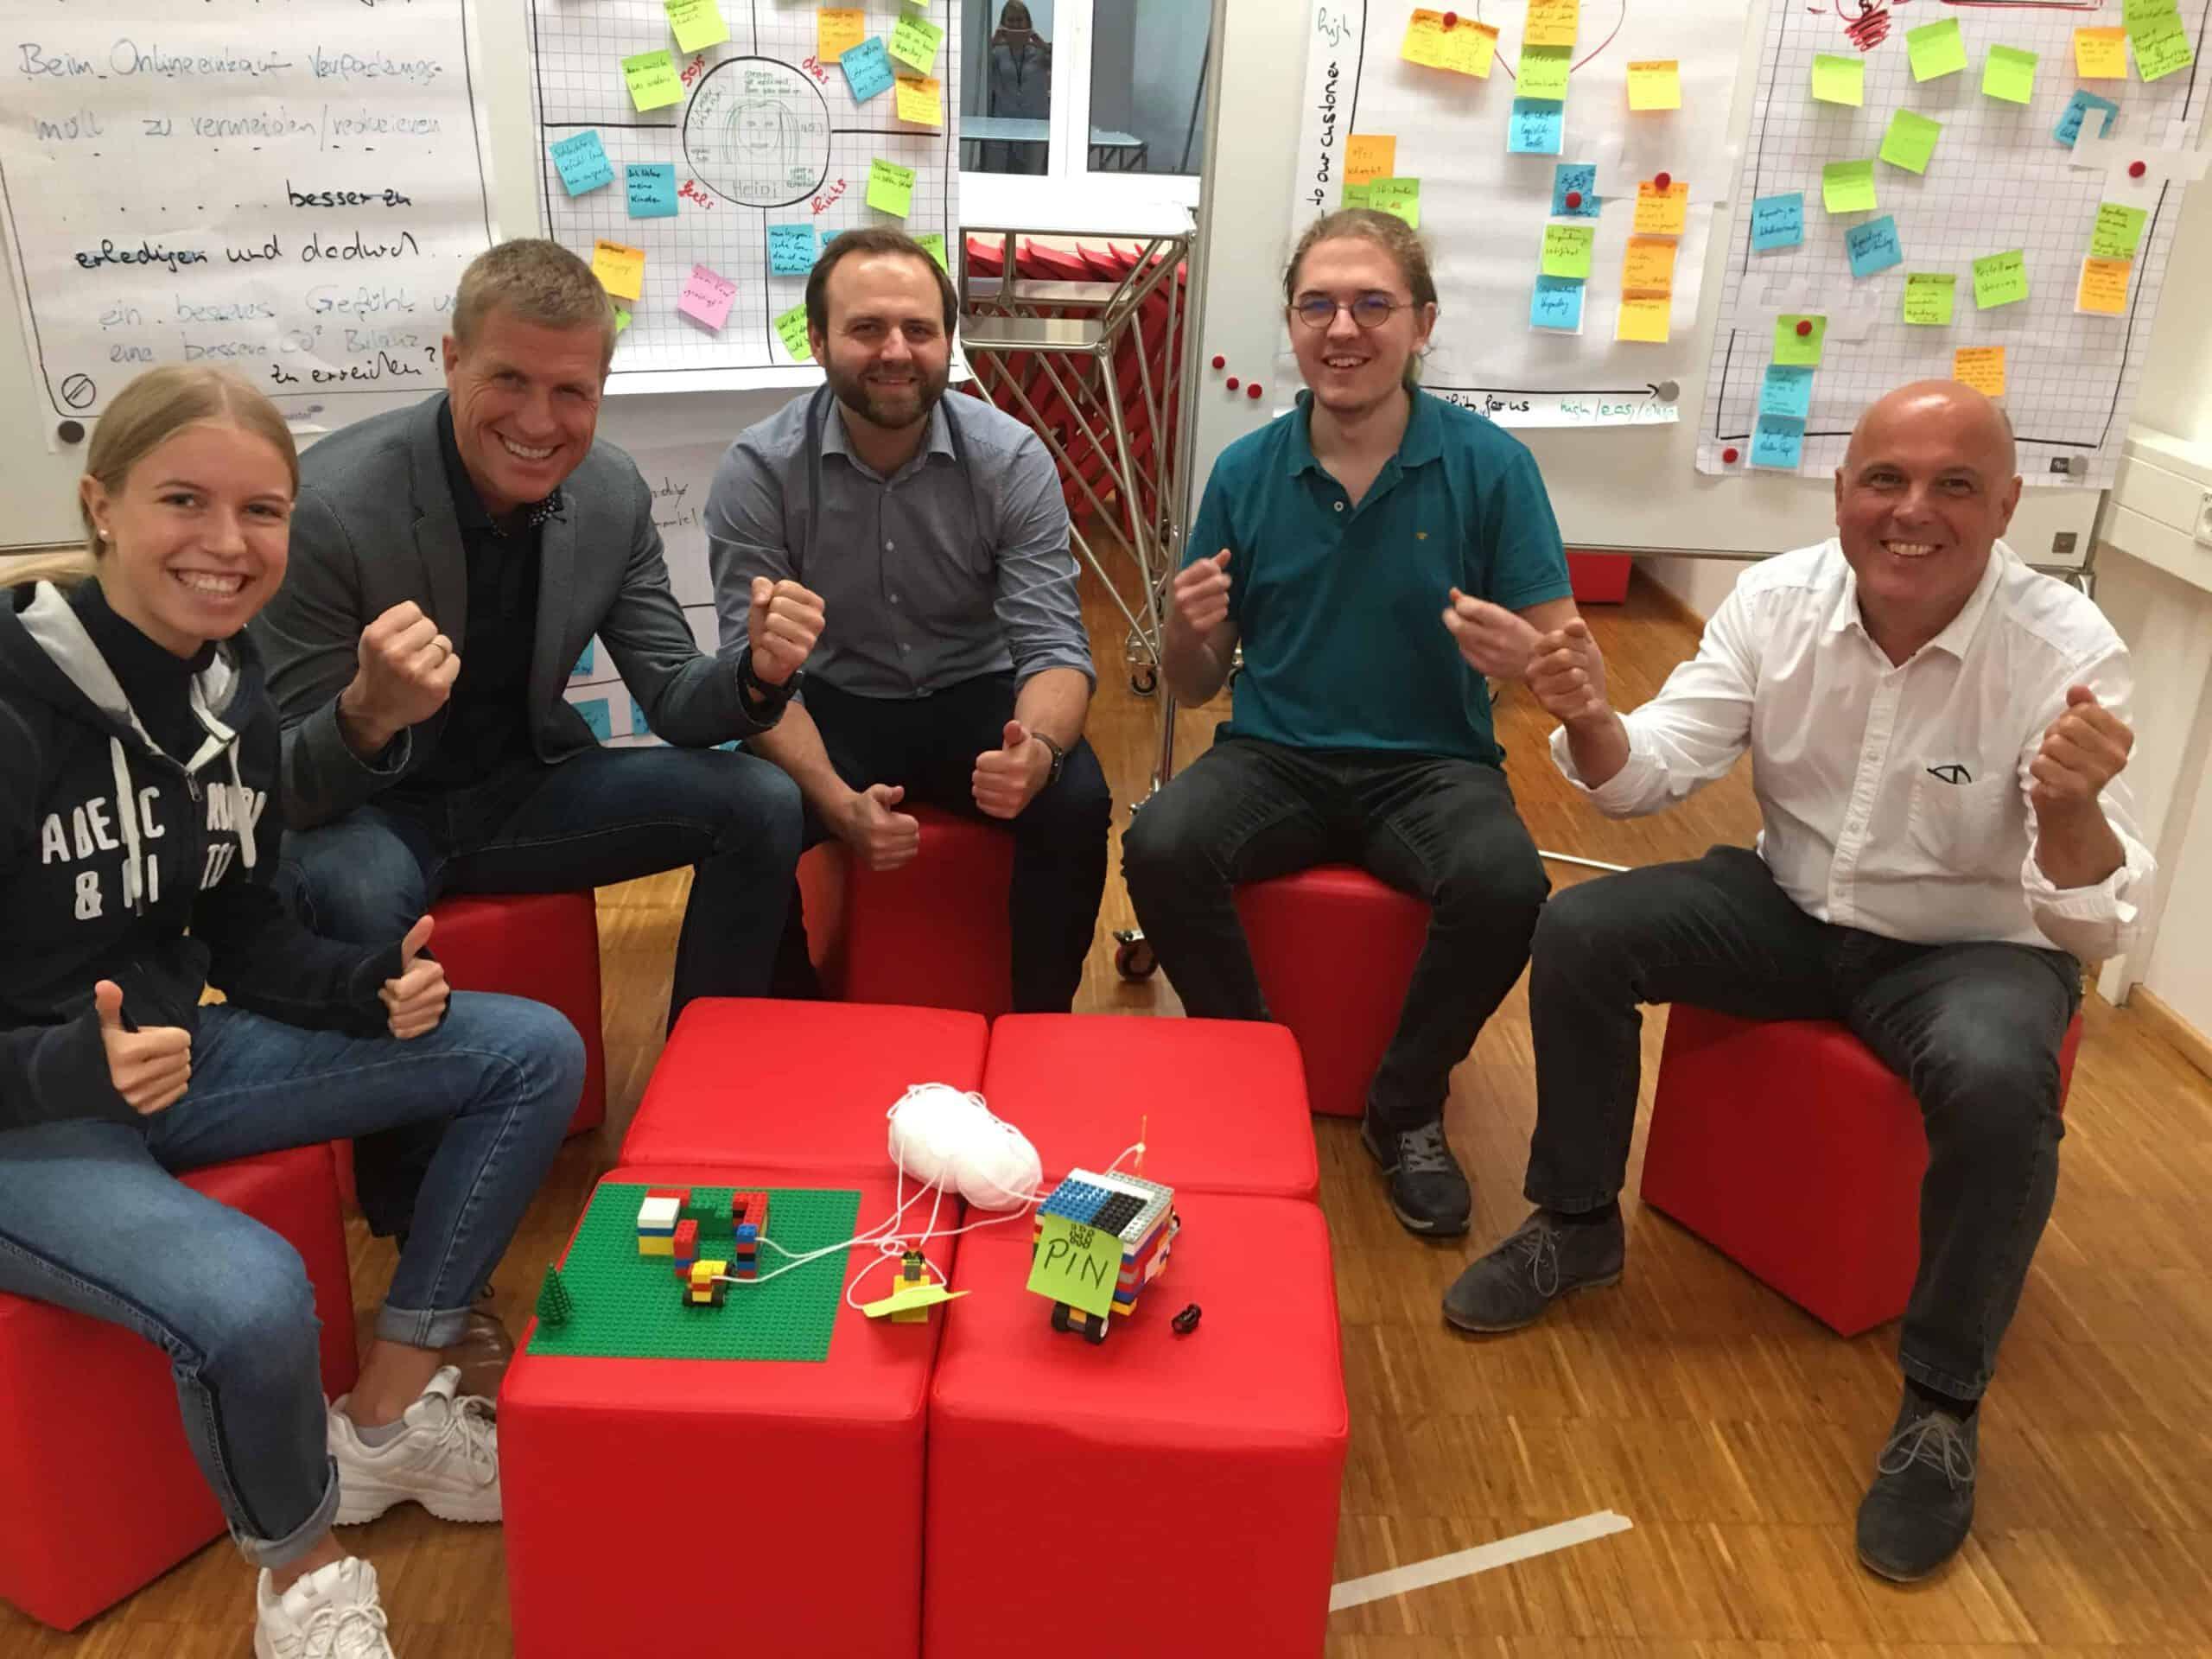 fuenf glueckliche Dsign Thinking Teilnehmer mit Prototyp